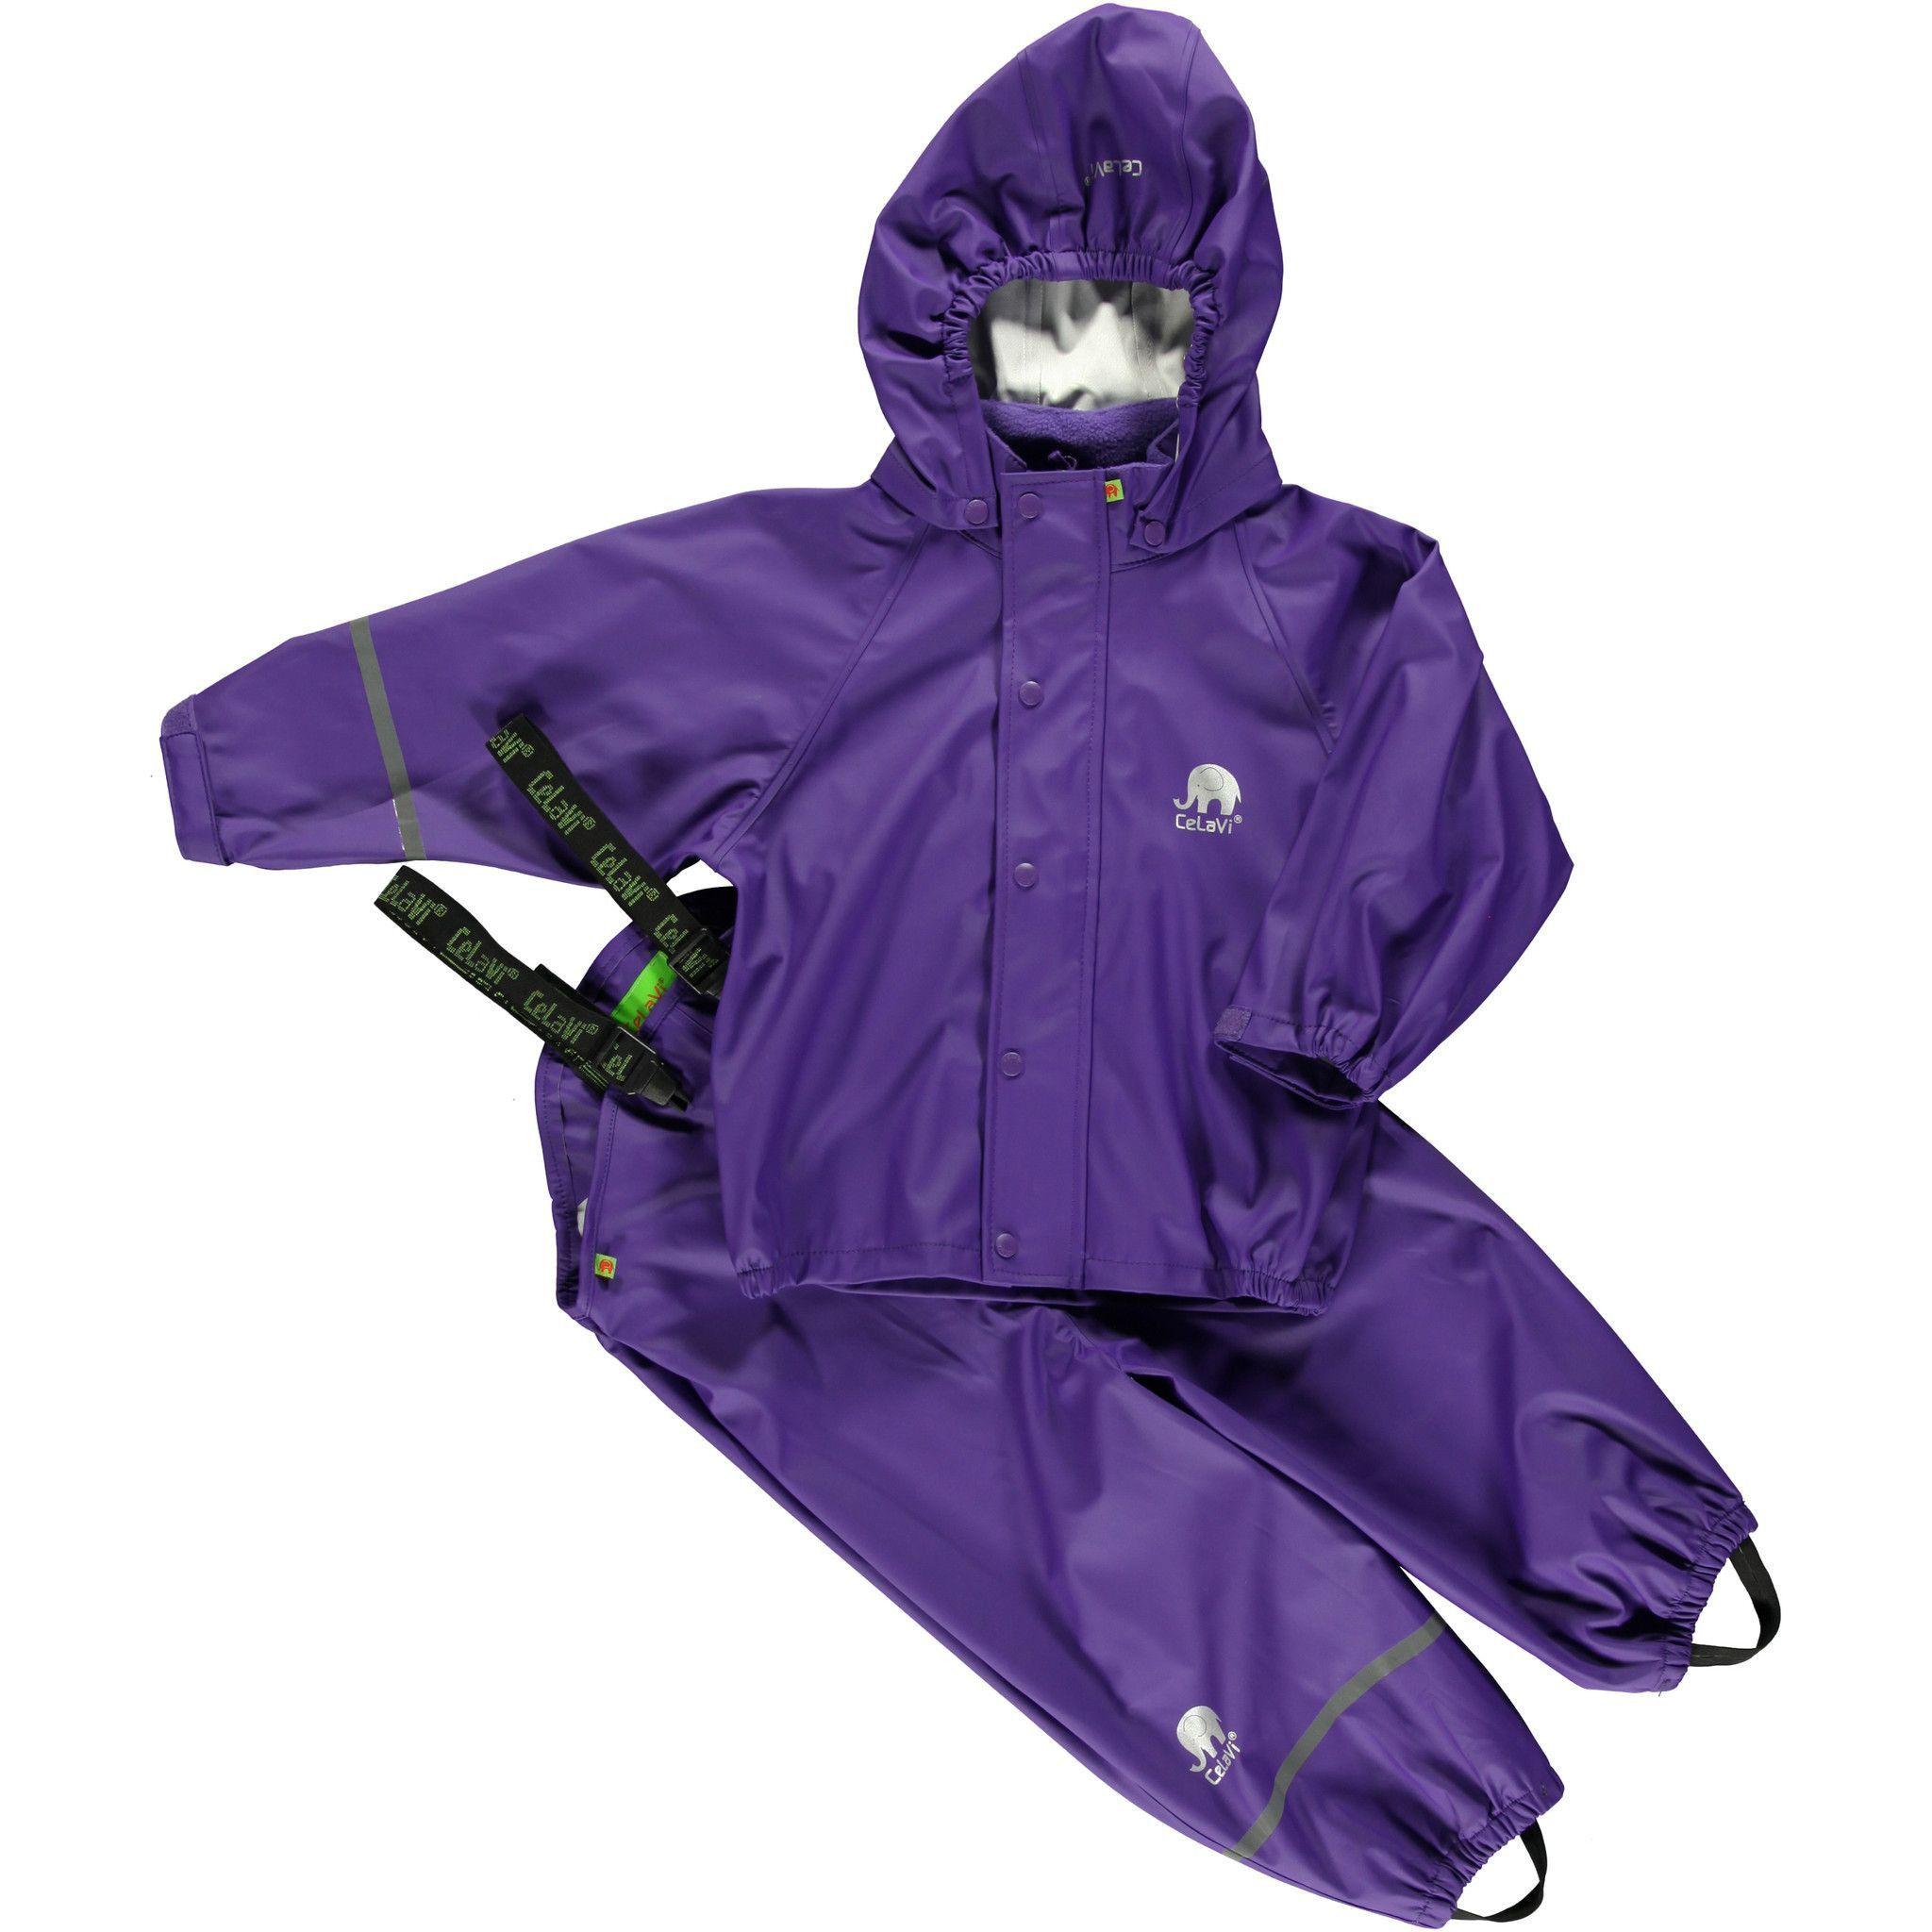 b06dc2551 Classic Rain Gear Set - Purple | Shop Biddle and Bop | Rain gear ...